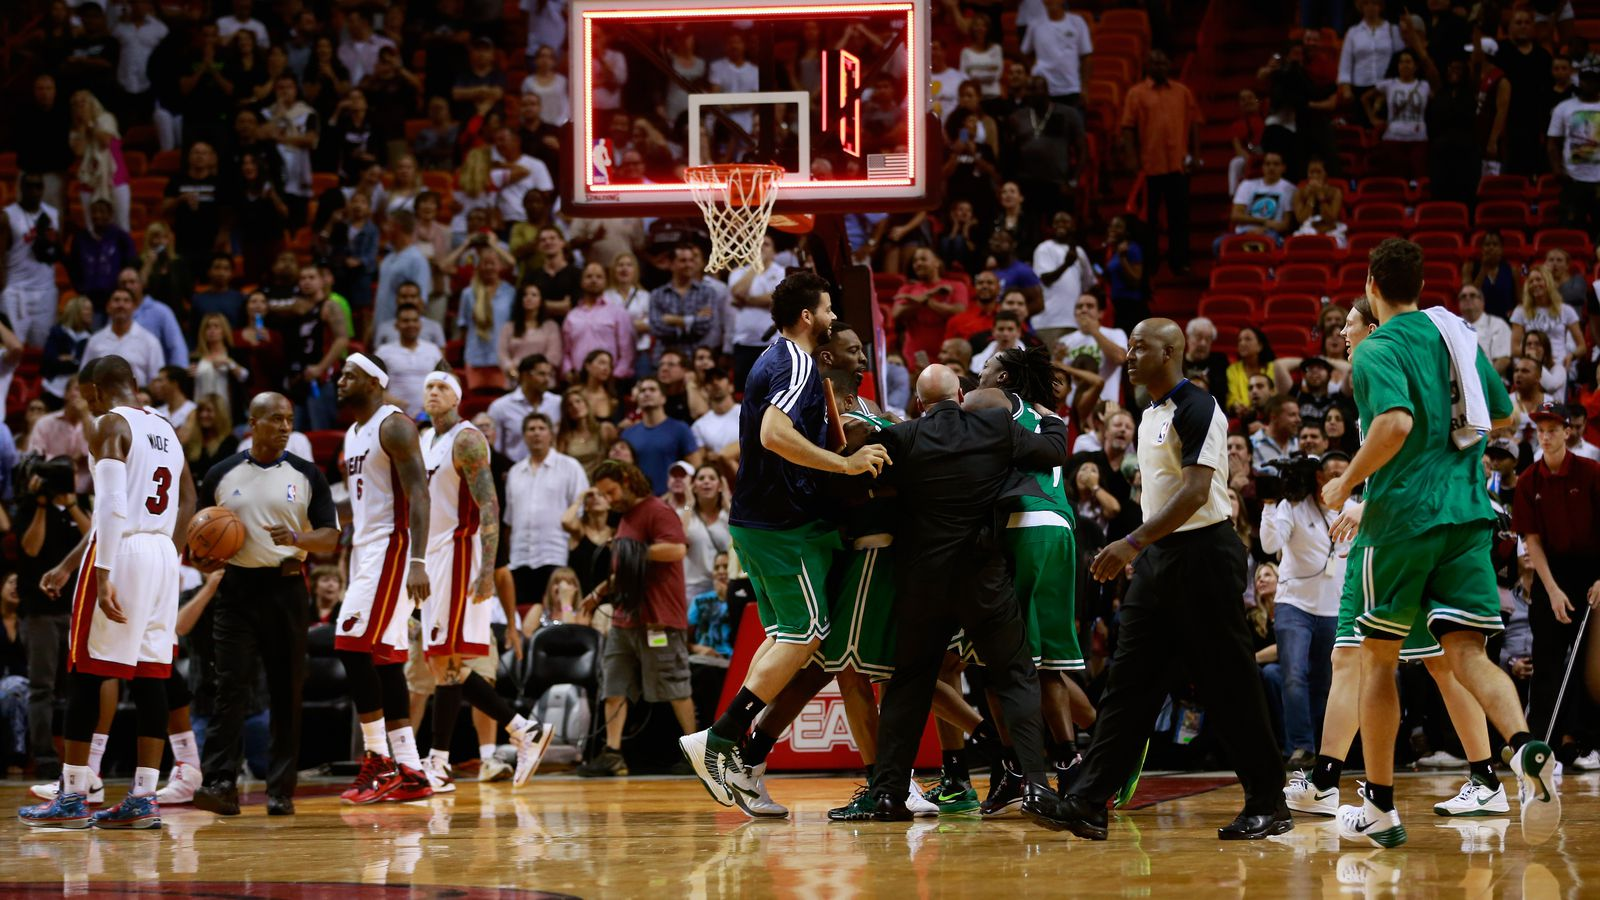 波士顿凯尔特人队如何震惊迈阿密热火队